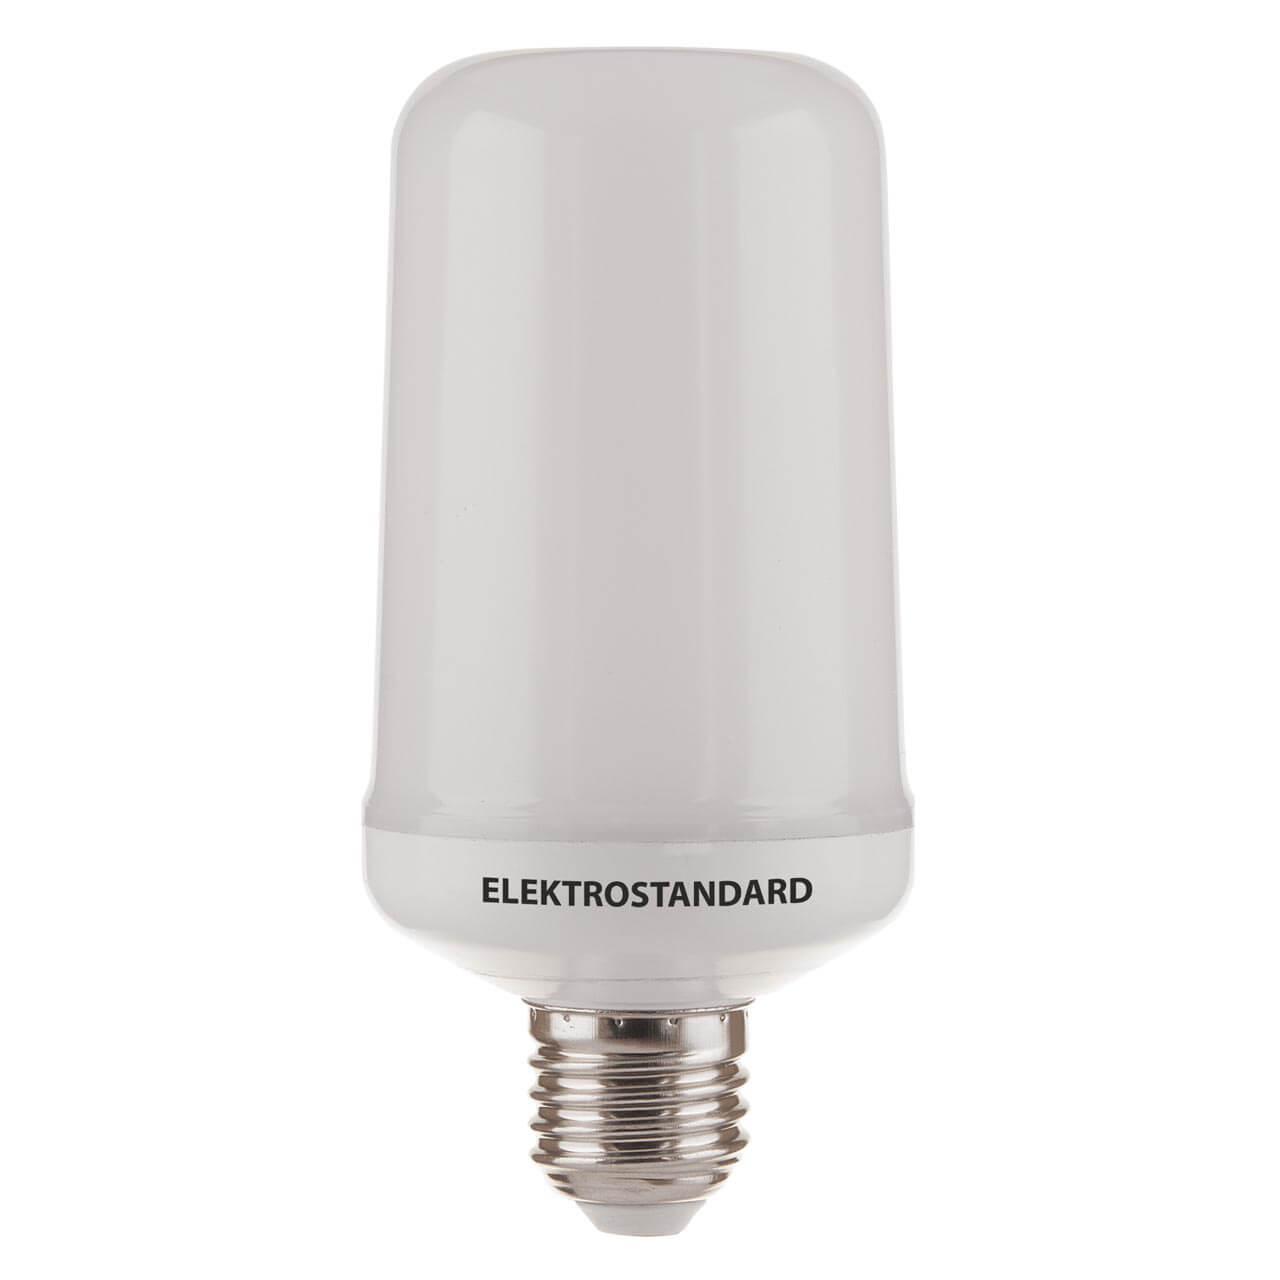 Лампа светодиодная Elektrostandard E27 5W 1800K матовая 4690389119460